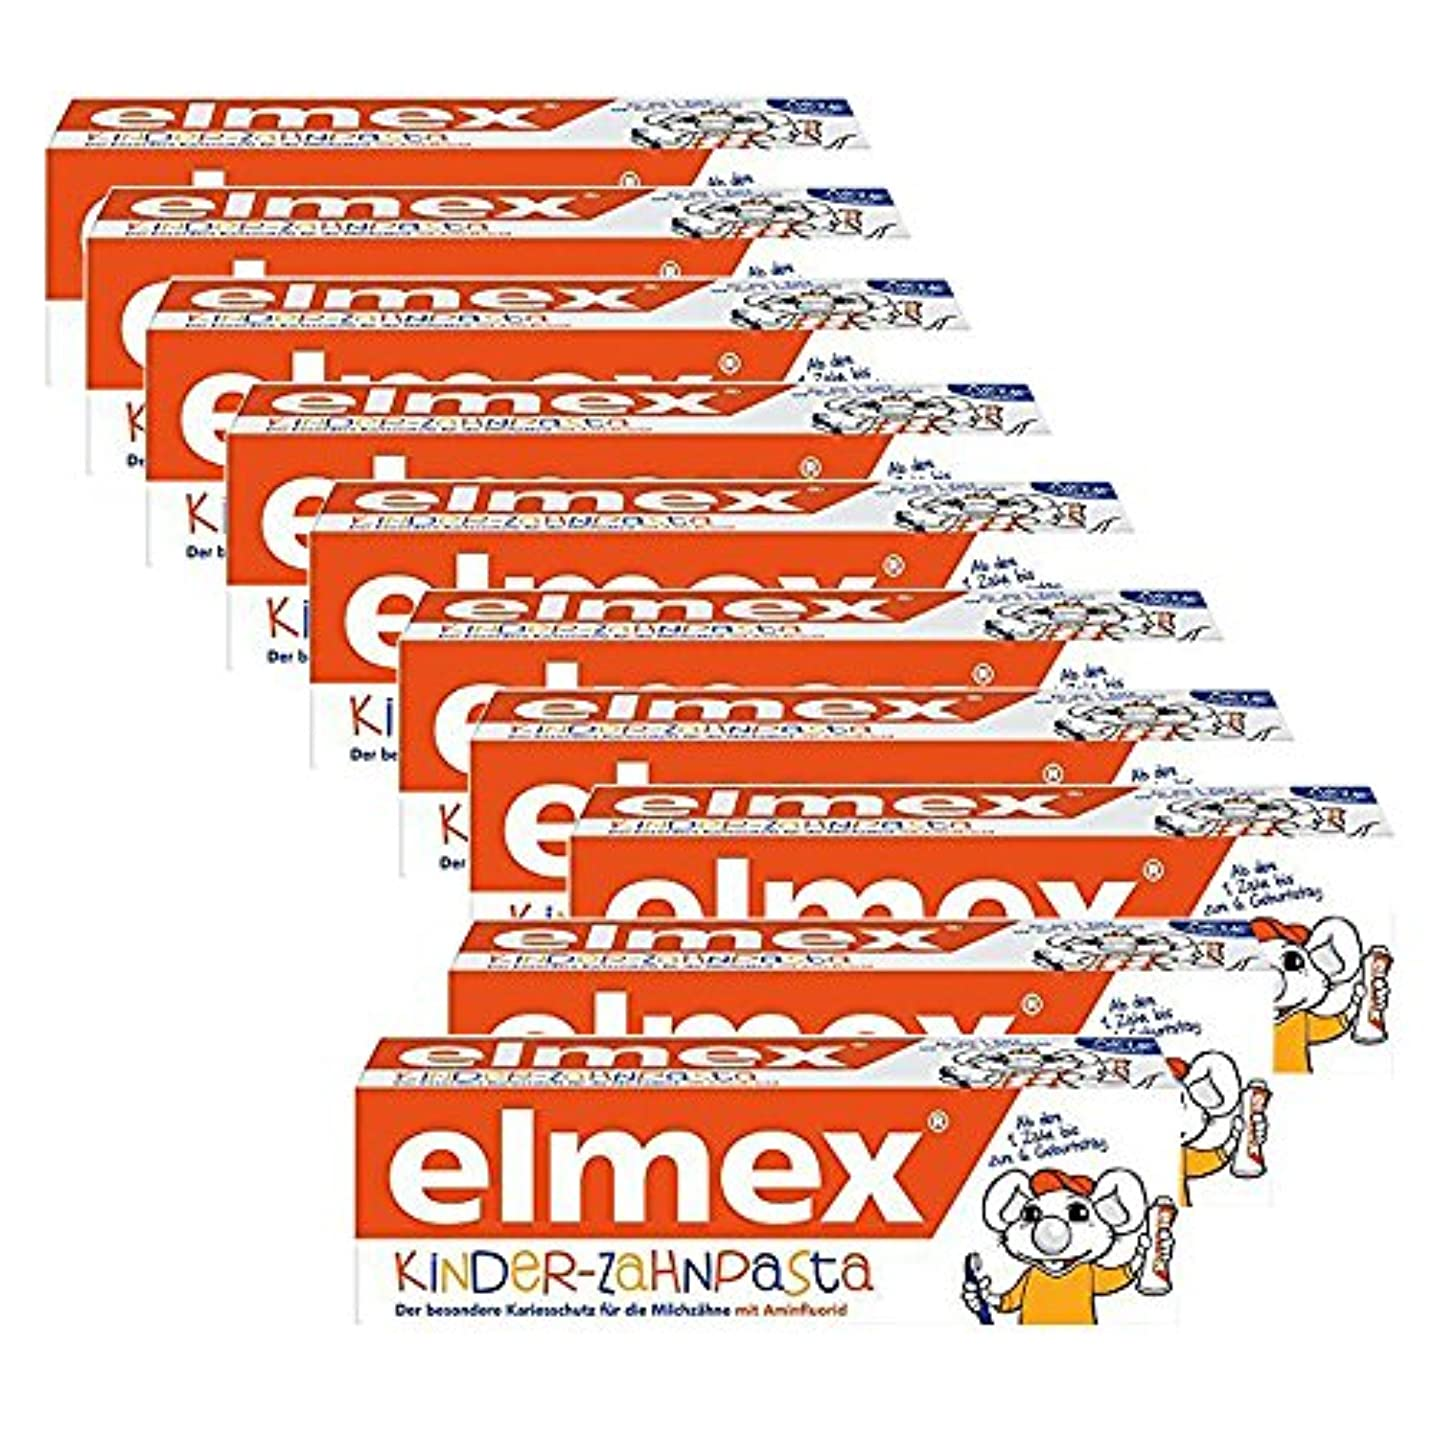 技術的なフレキシブルはずELMEX 子供の歯磨き粉 Toothpaste Children Kids 0-6 Years Old-50ml(10 Pack) [並行輸入品]